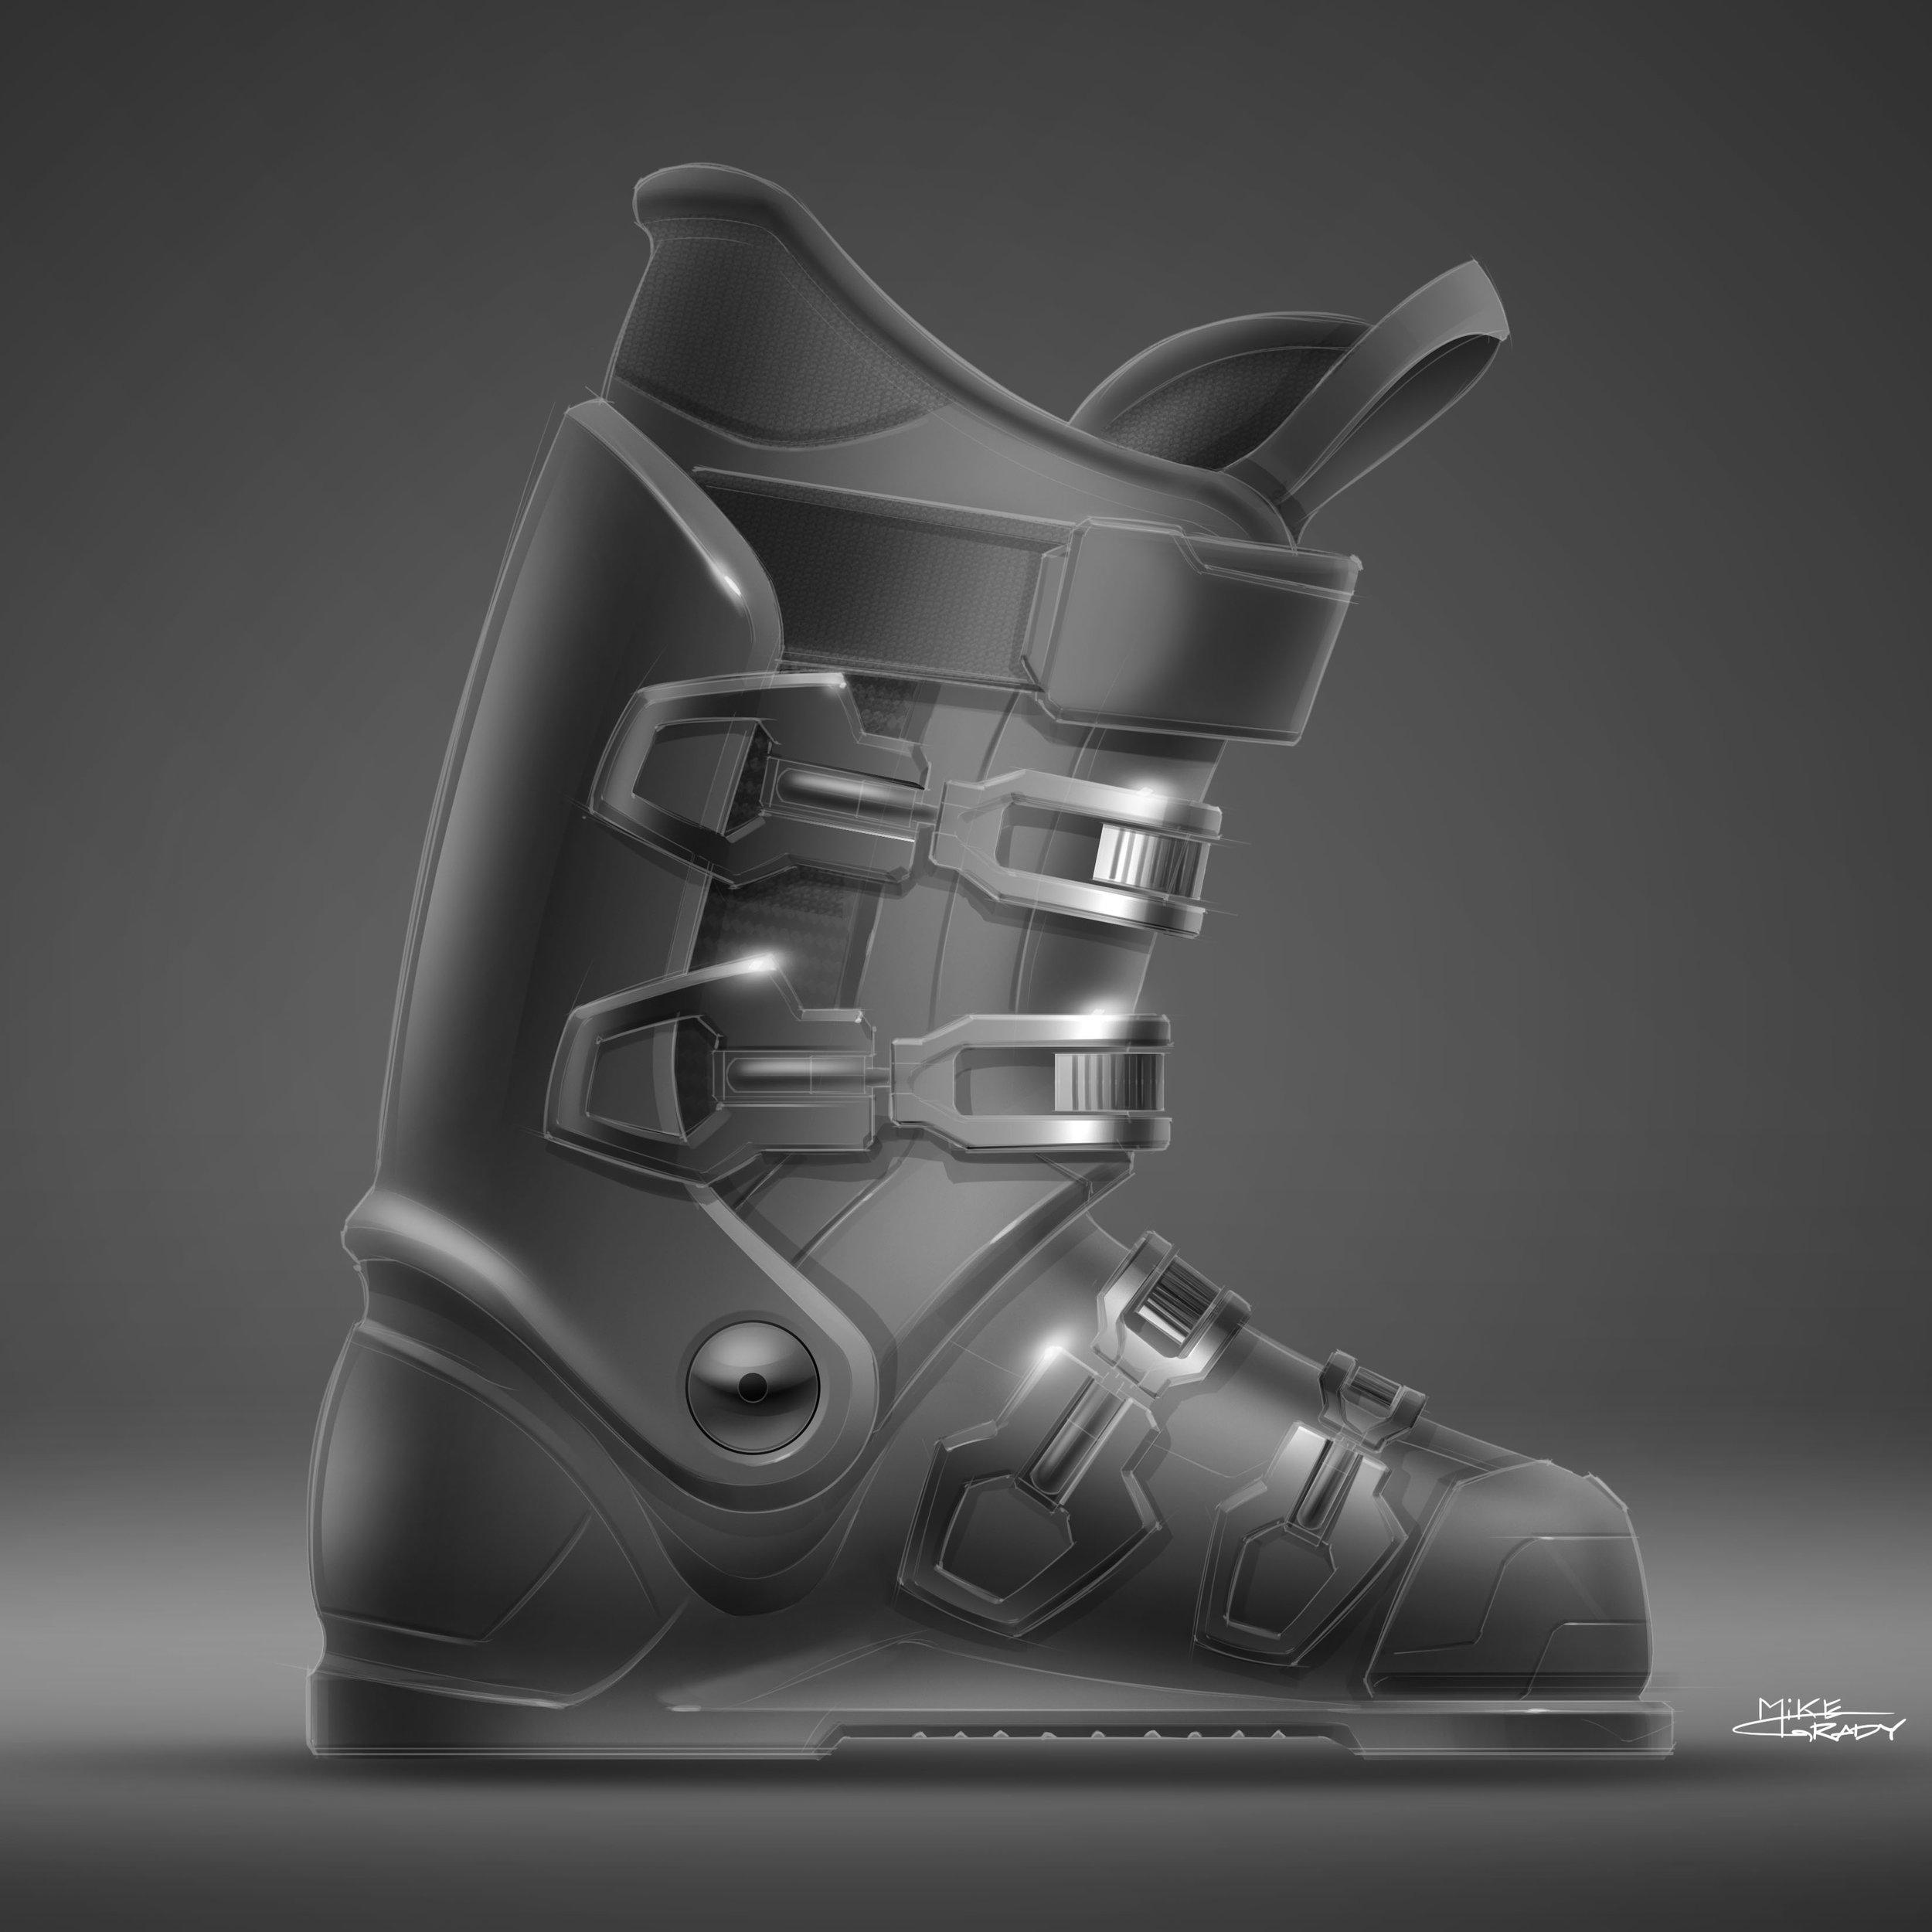 Ski_Boot_Sketch.jpg